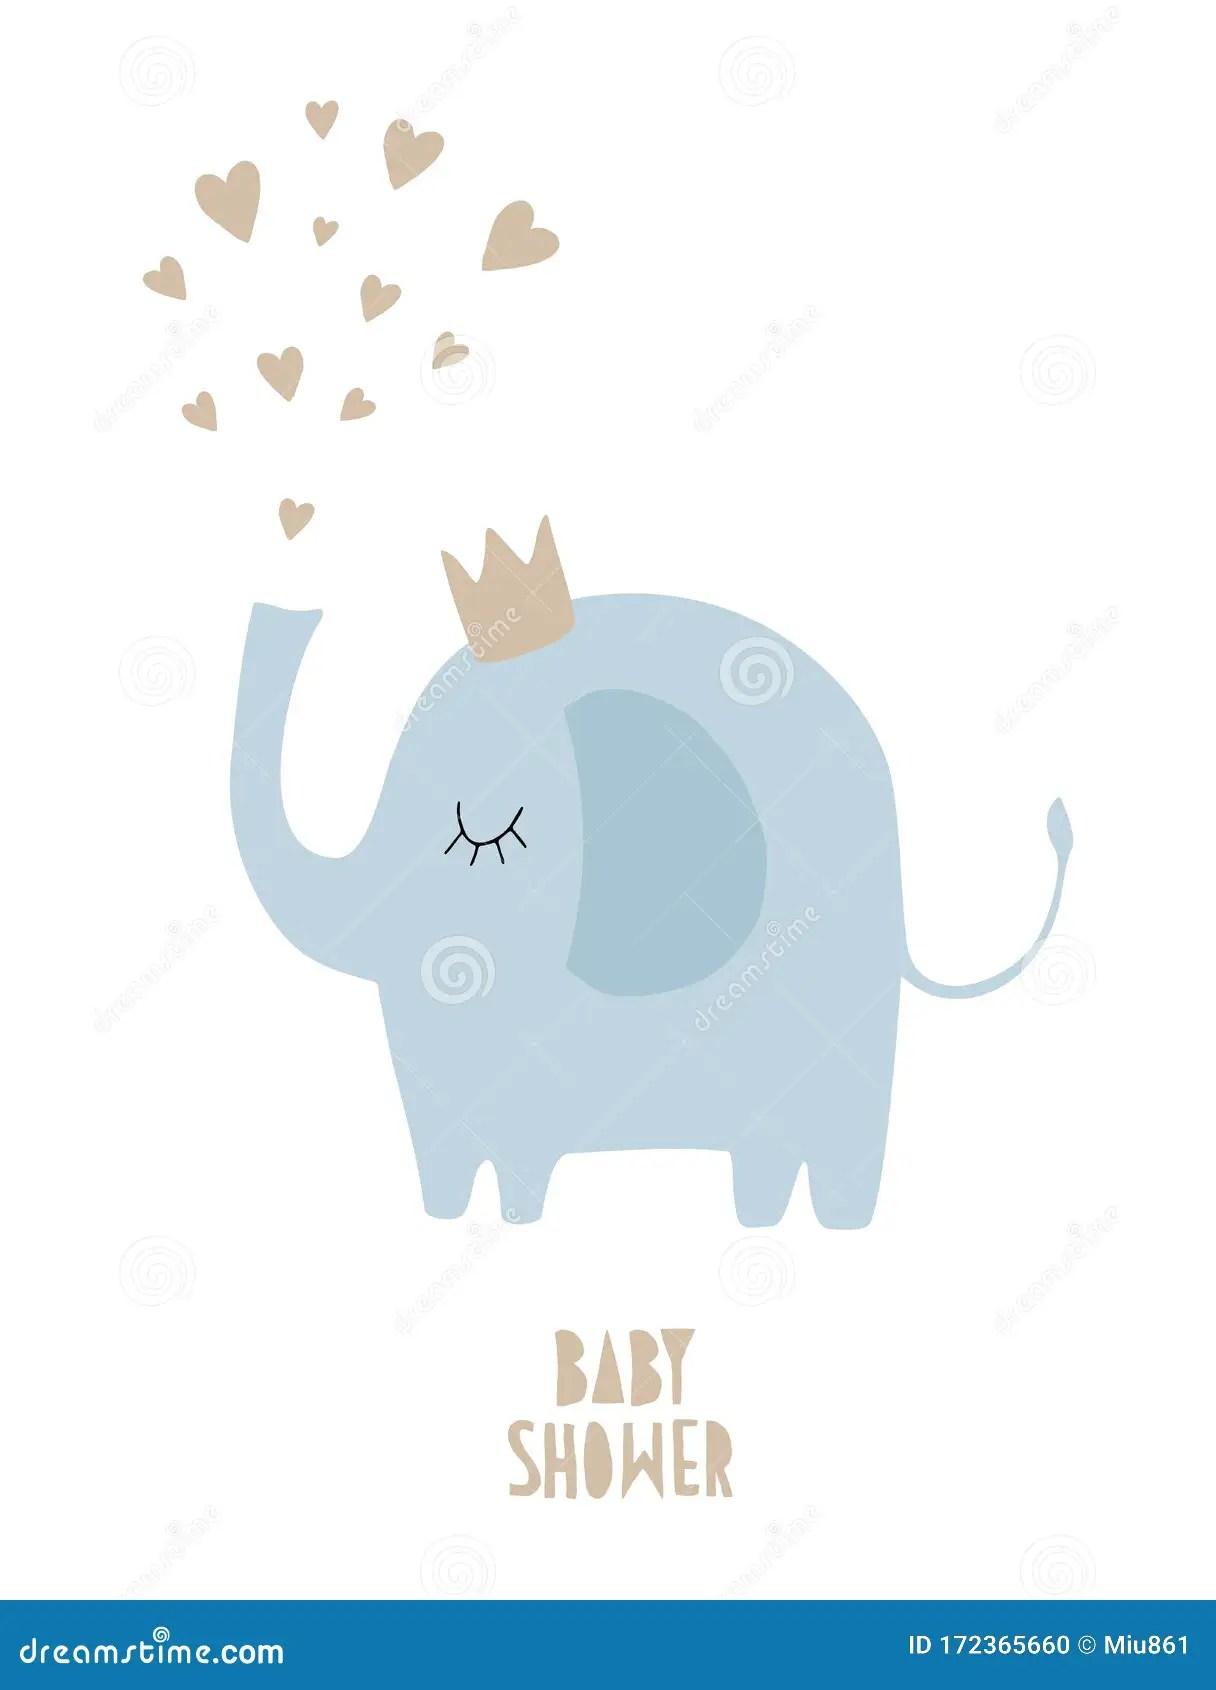 Baby Elephant Background : elephant, background, Shower, Vector, Illustration, Funny, Drawn, Elephant, Isolated, White, Background., Stock, Decor,, Cute:, 172365660